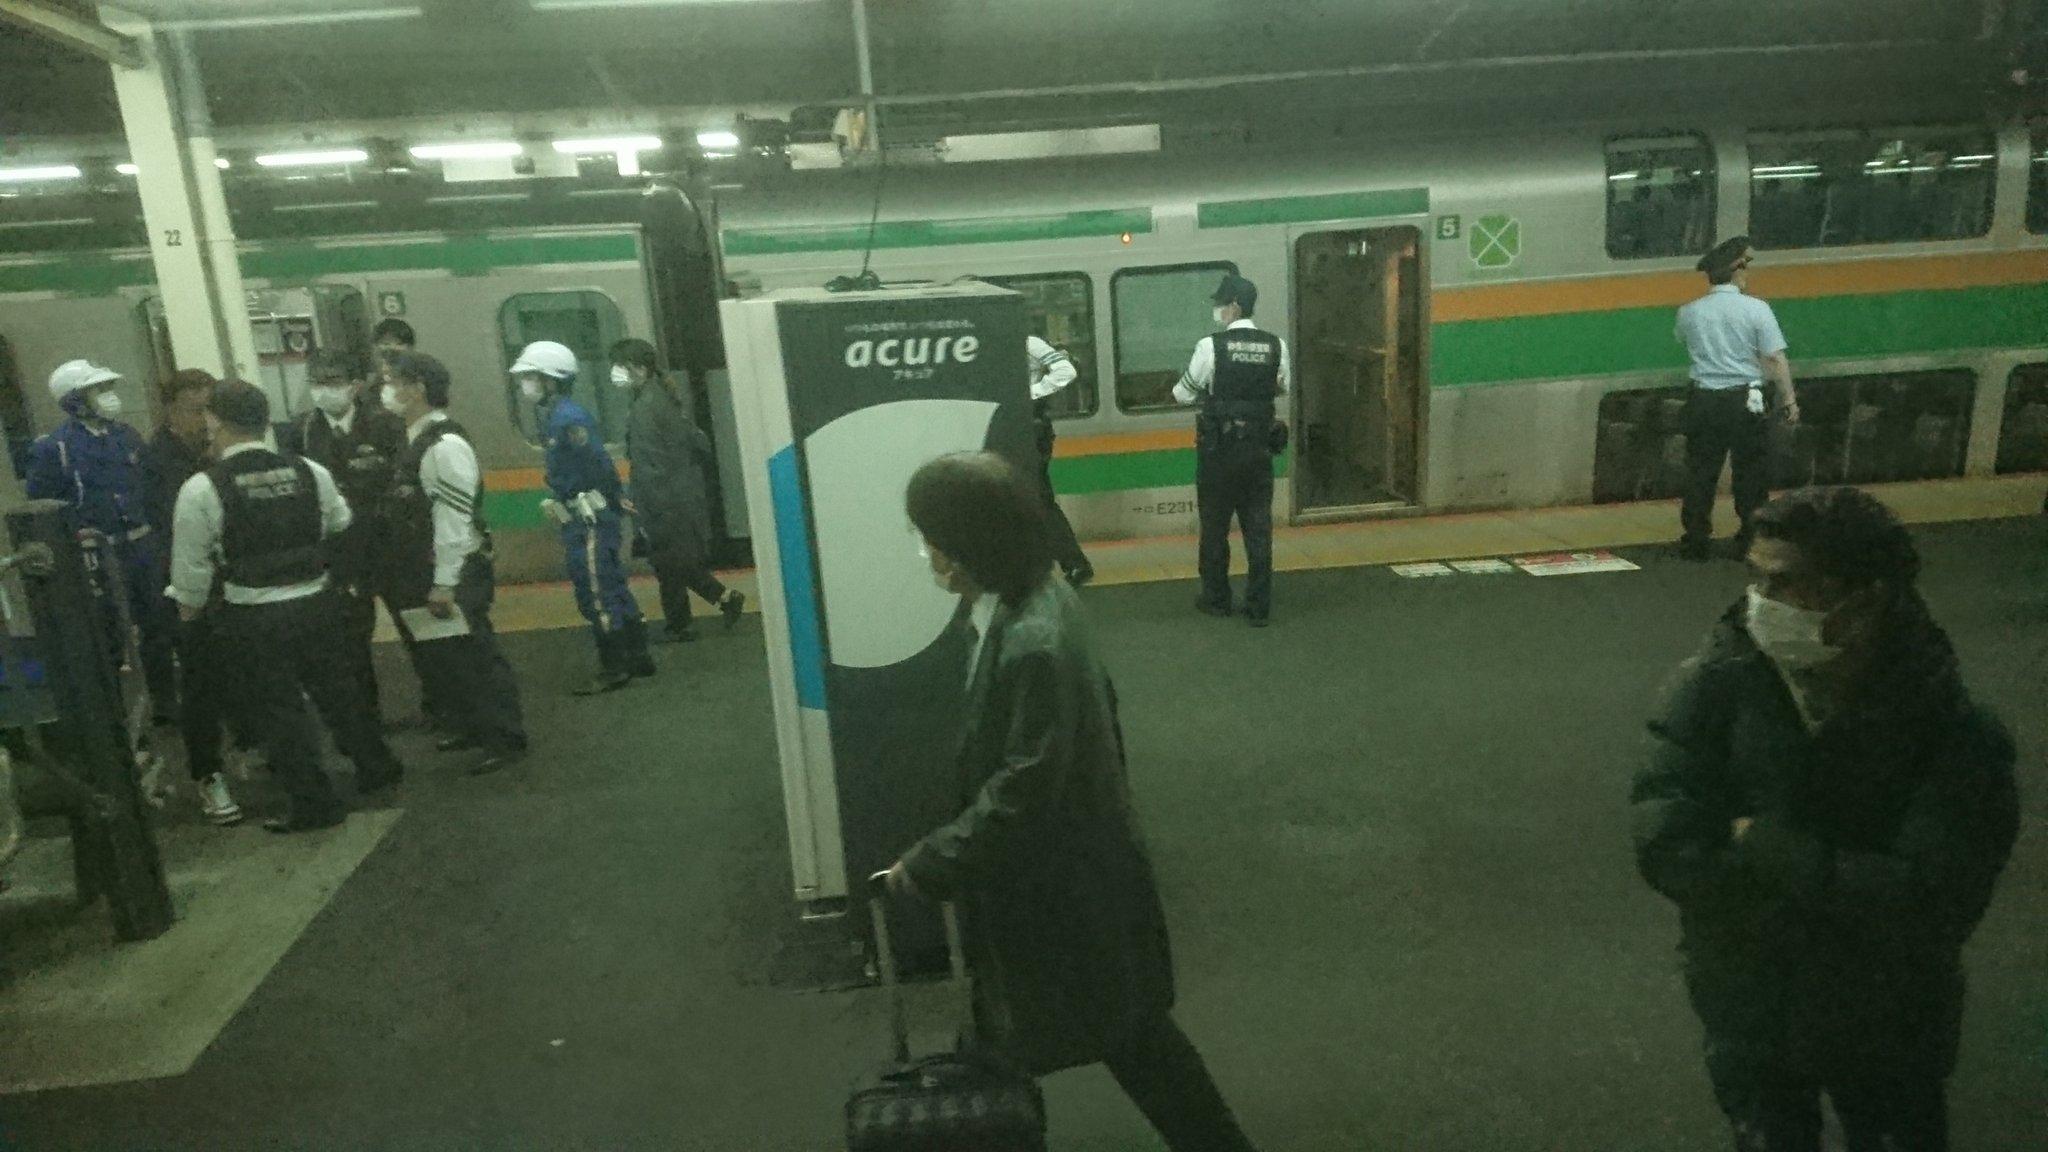 東海道線の戸塚駅でお客様トラブルがあった現場の画像